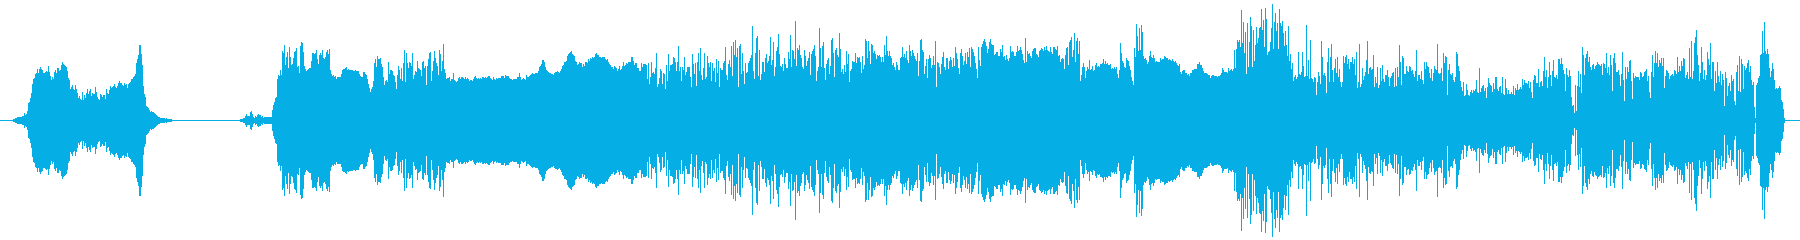 鳴き声 男性は息を吐き出しますの再生済みの波形